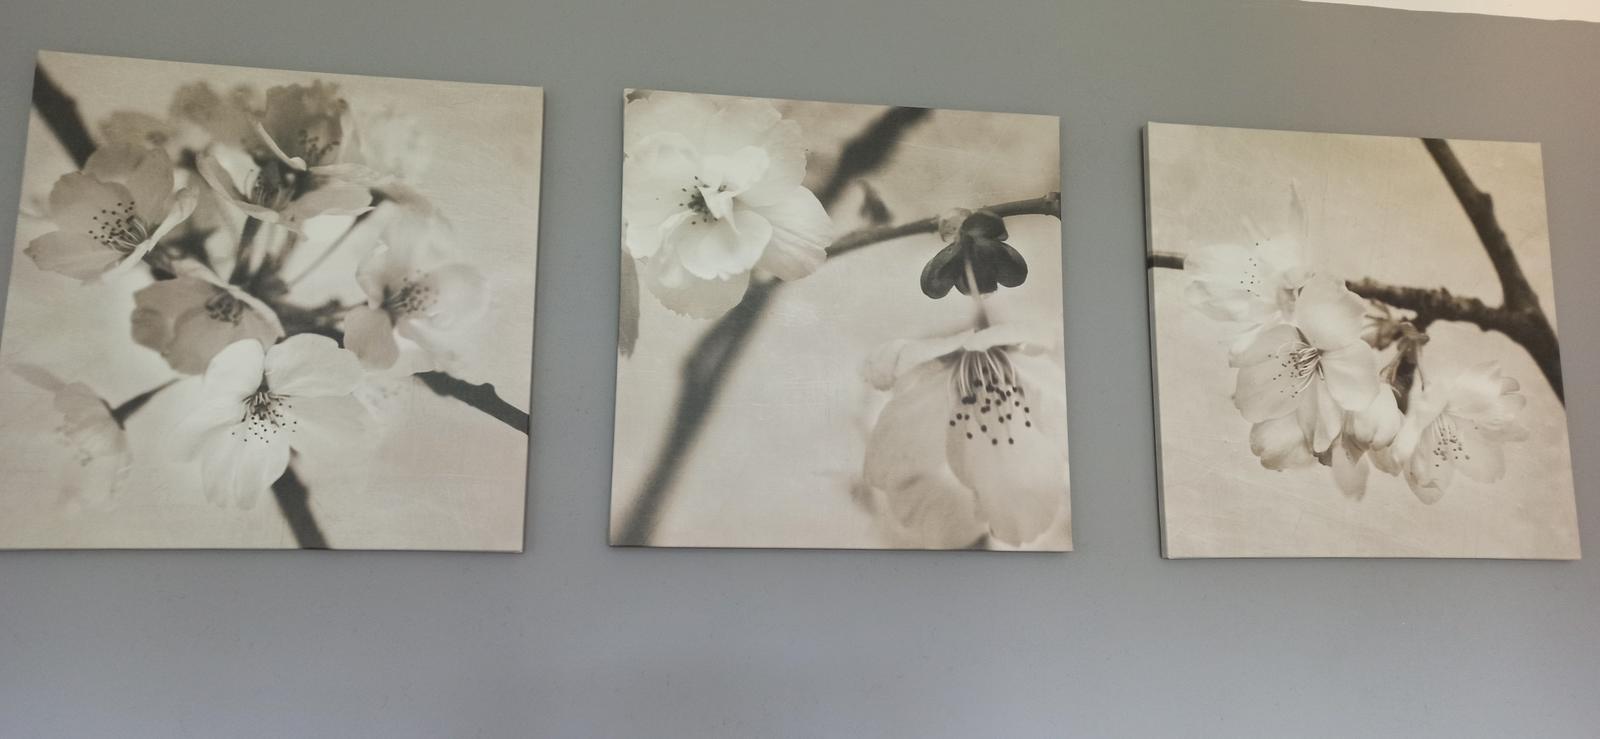 obraz/obrazy Ikea - Obrázek č. 1